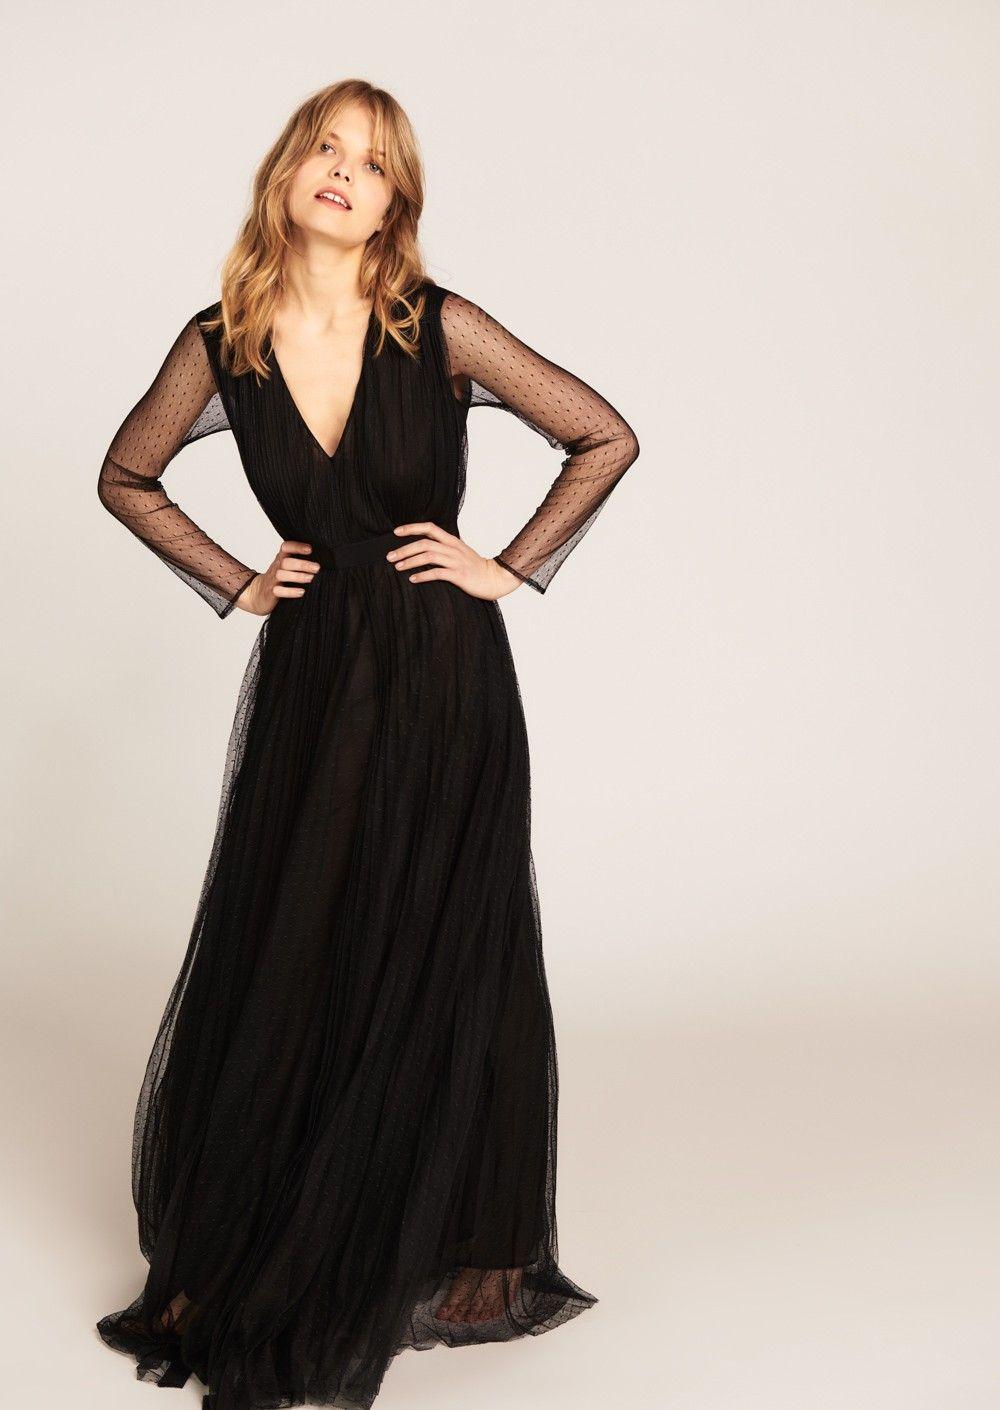 Robe noire longue plissée en tulle plumetis - femme - tara jarmon 1 ... dcc971629e28